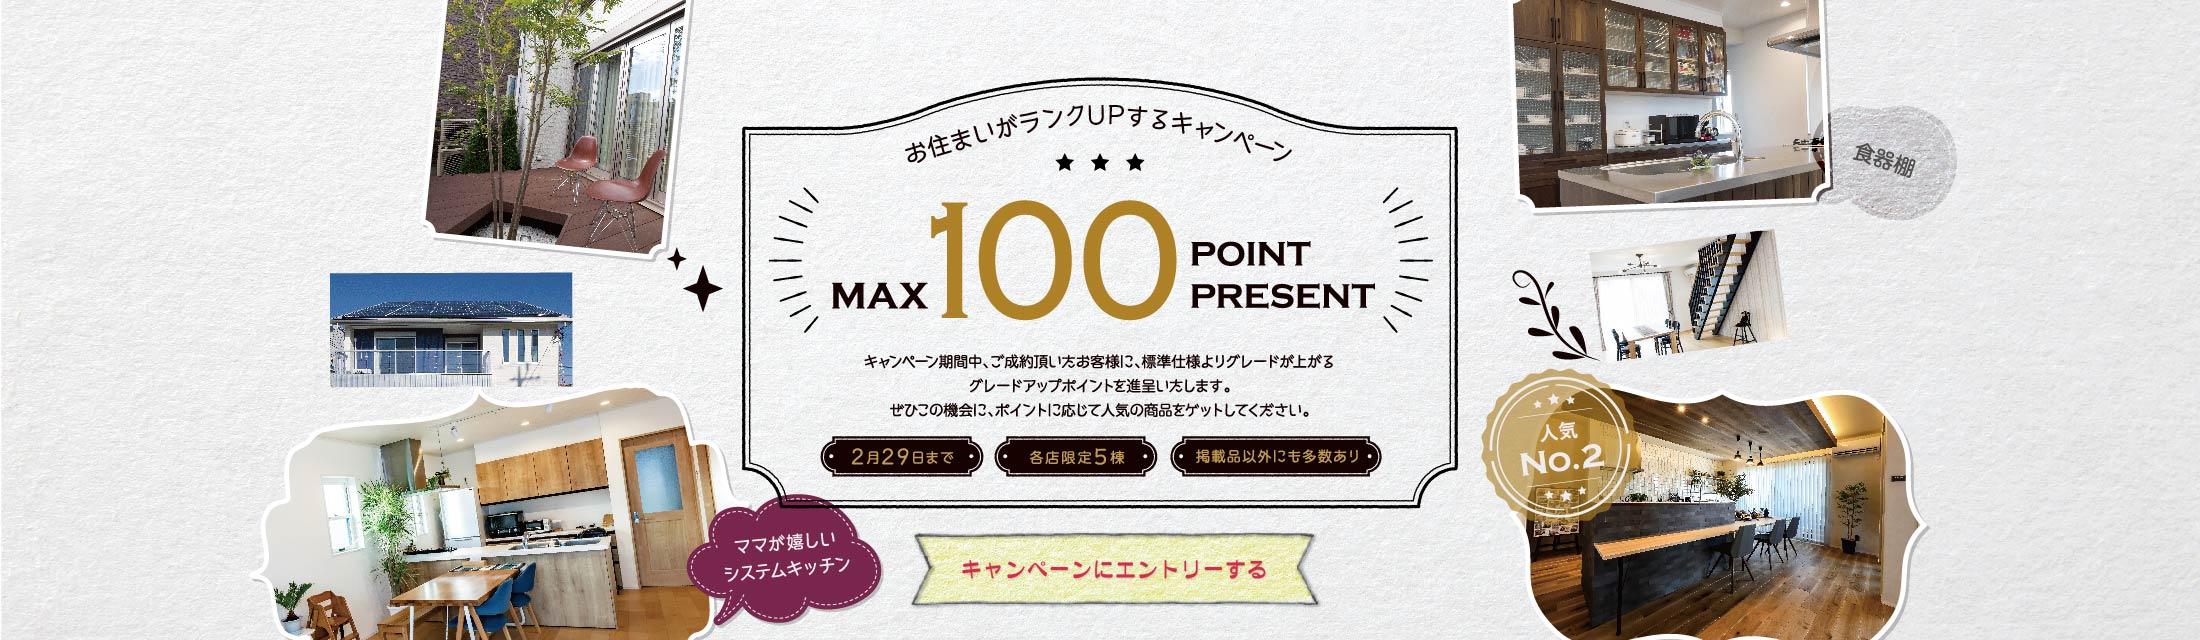 広島建設セナリオハウス キャンペーン